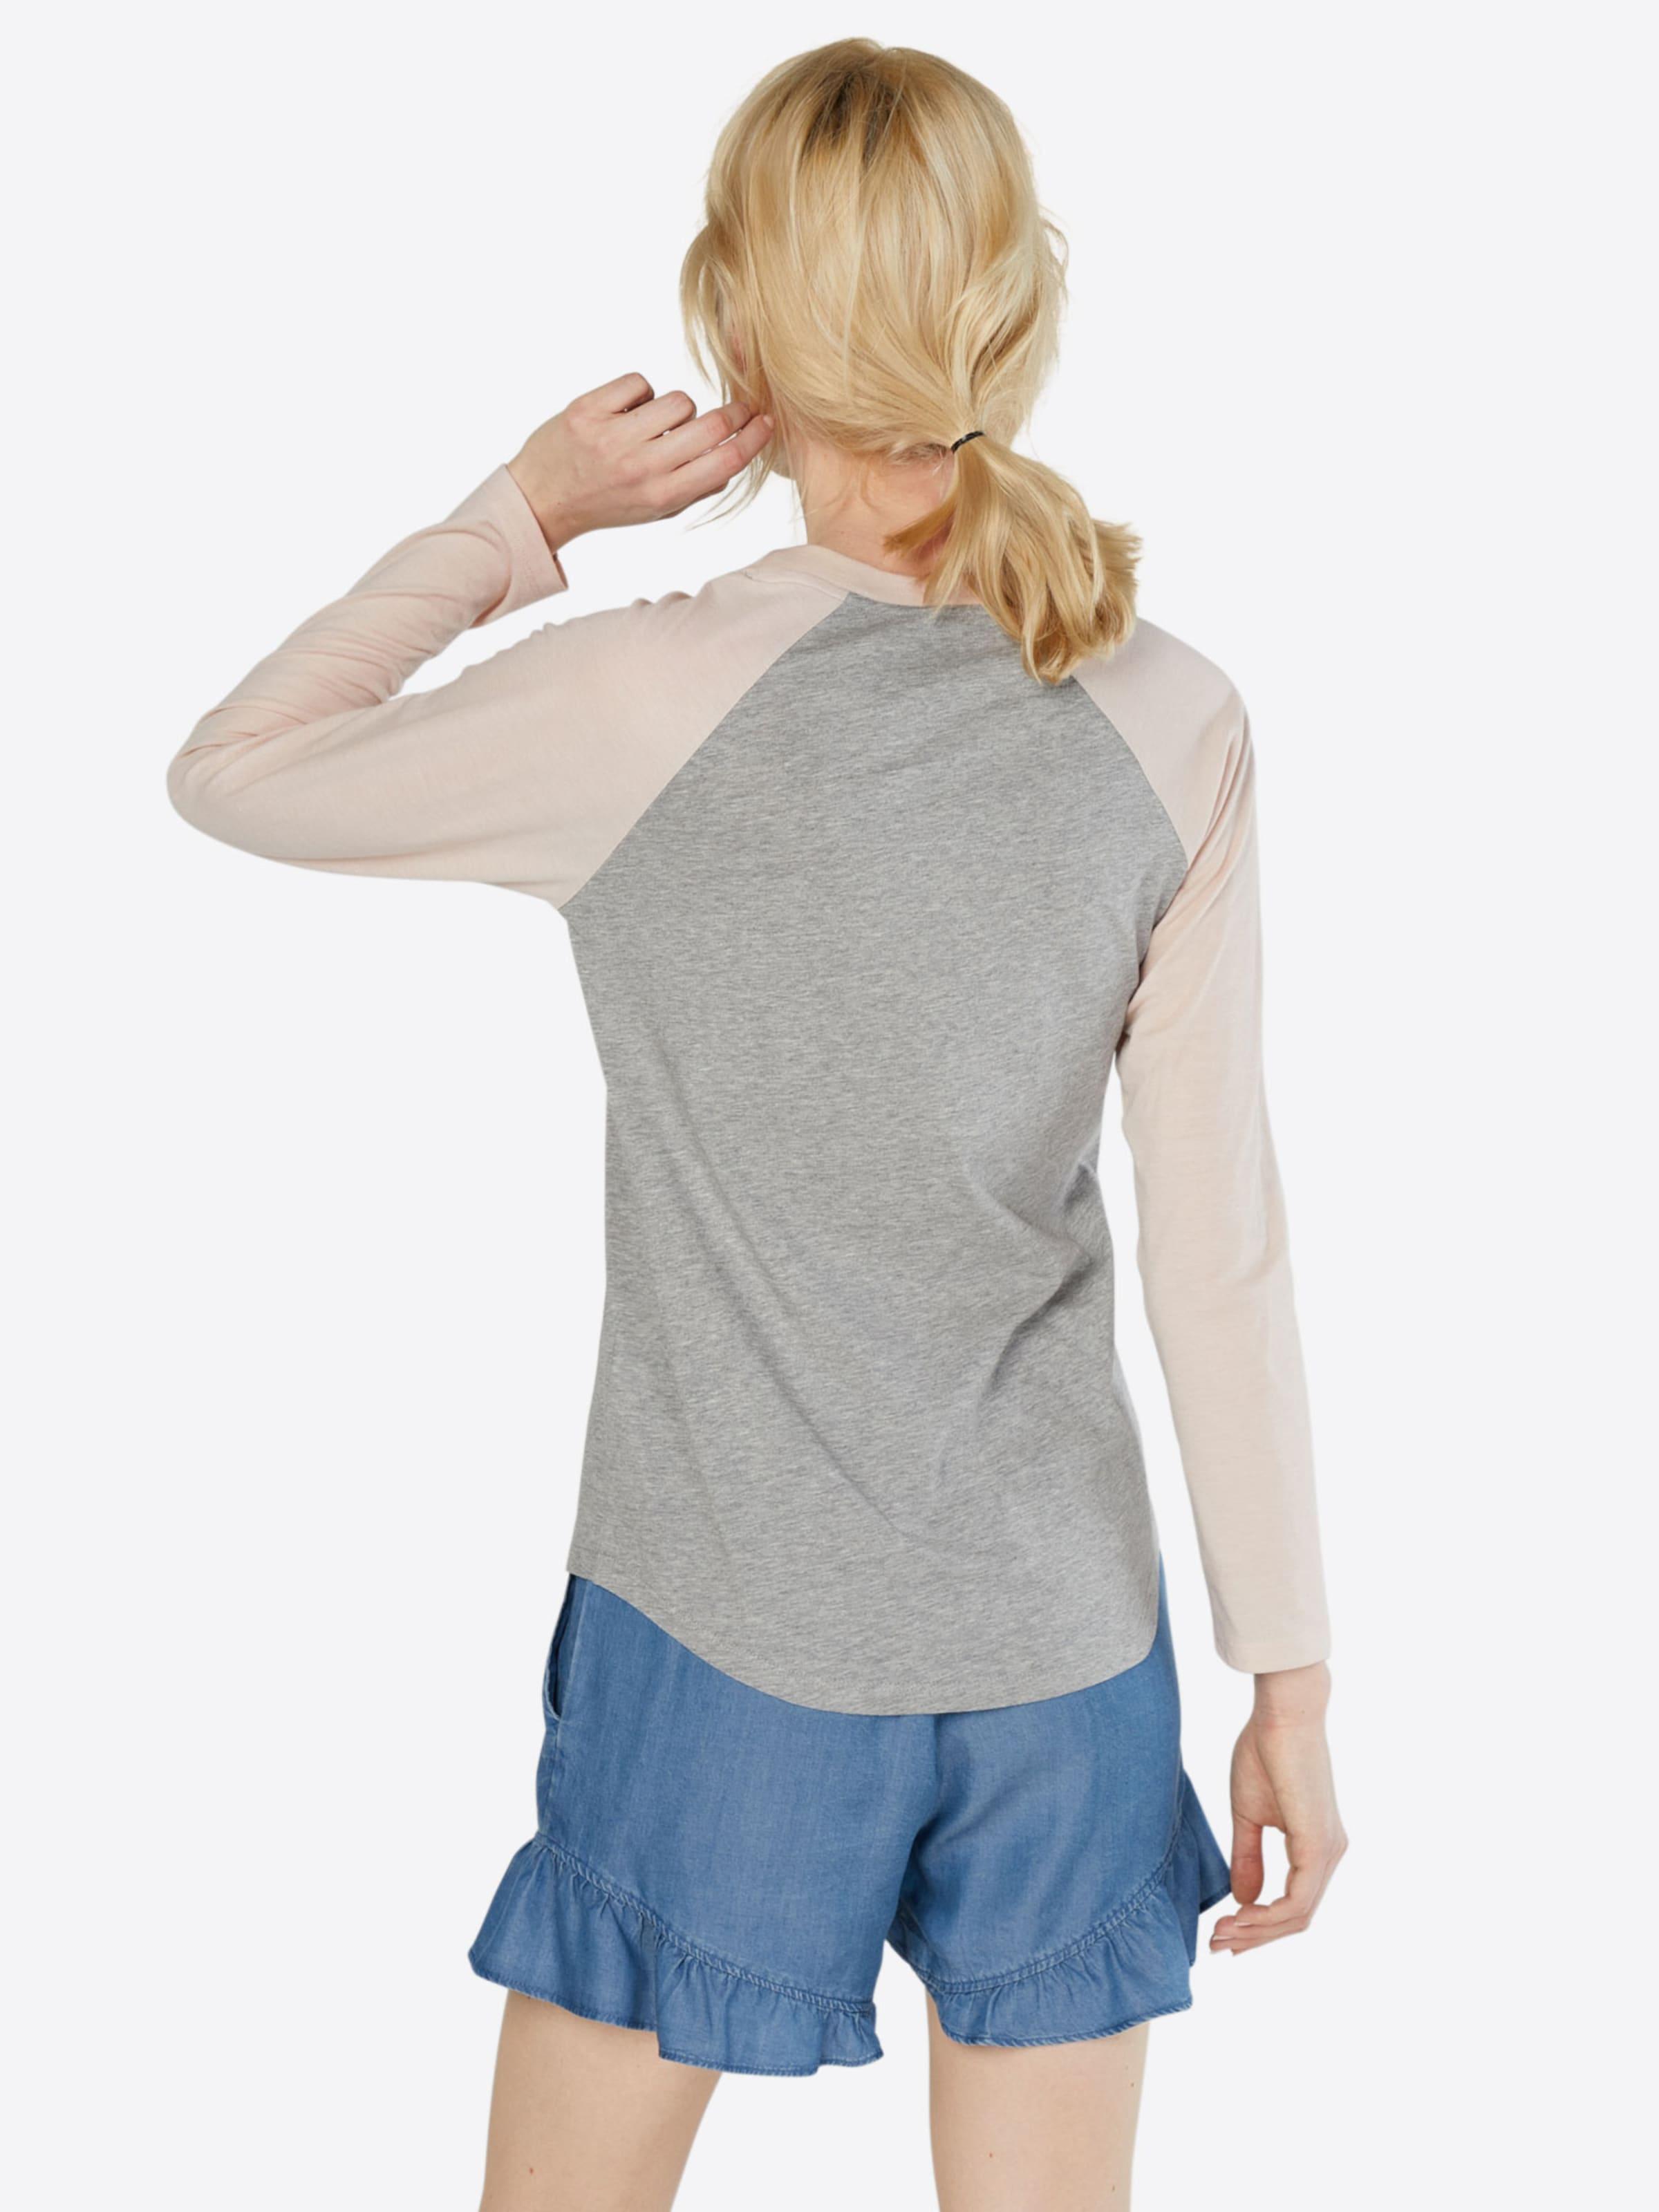 Günstig Kaufen Billig Iriedaily Jerseyshirt 'G Flag' Rabatt Professionelle Beste Online Billig Geniue Händler iCrUrS